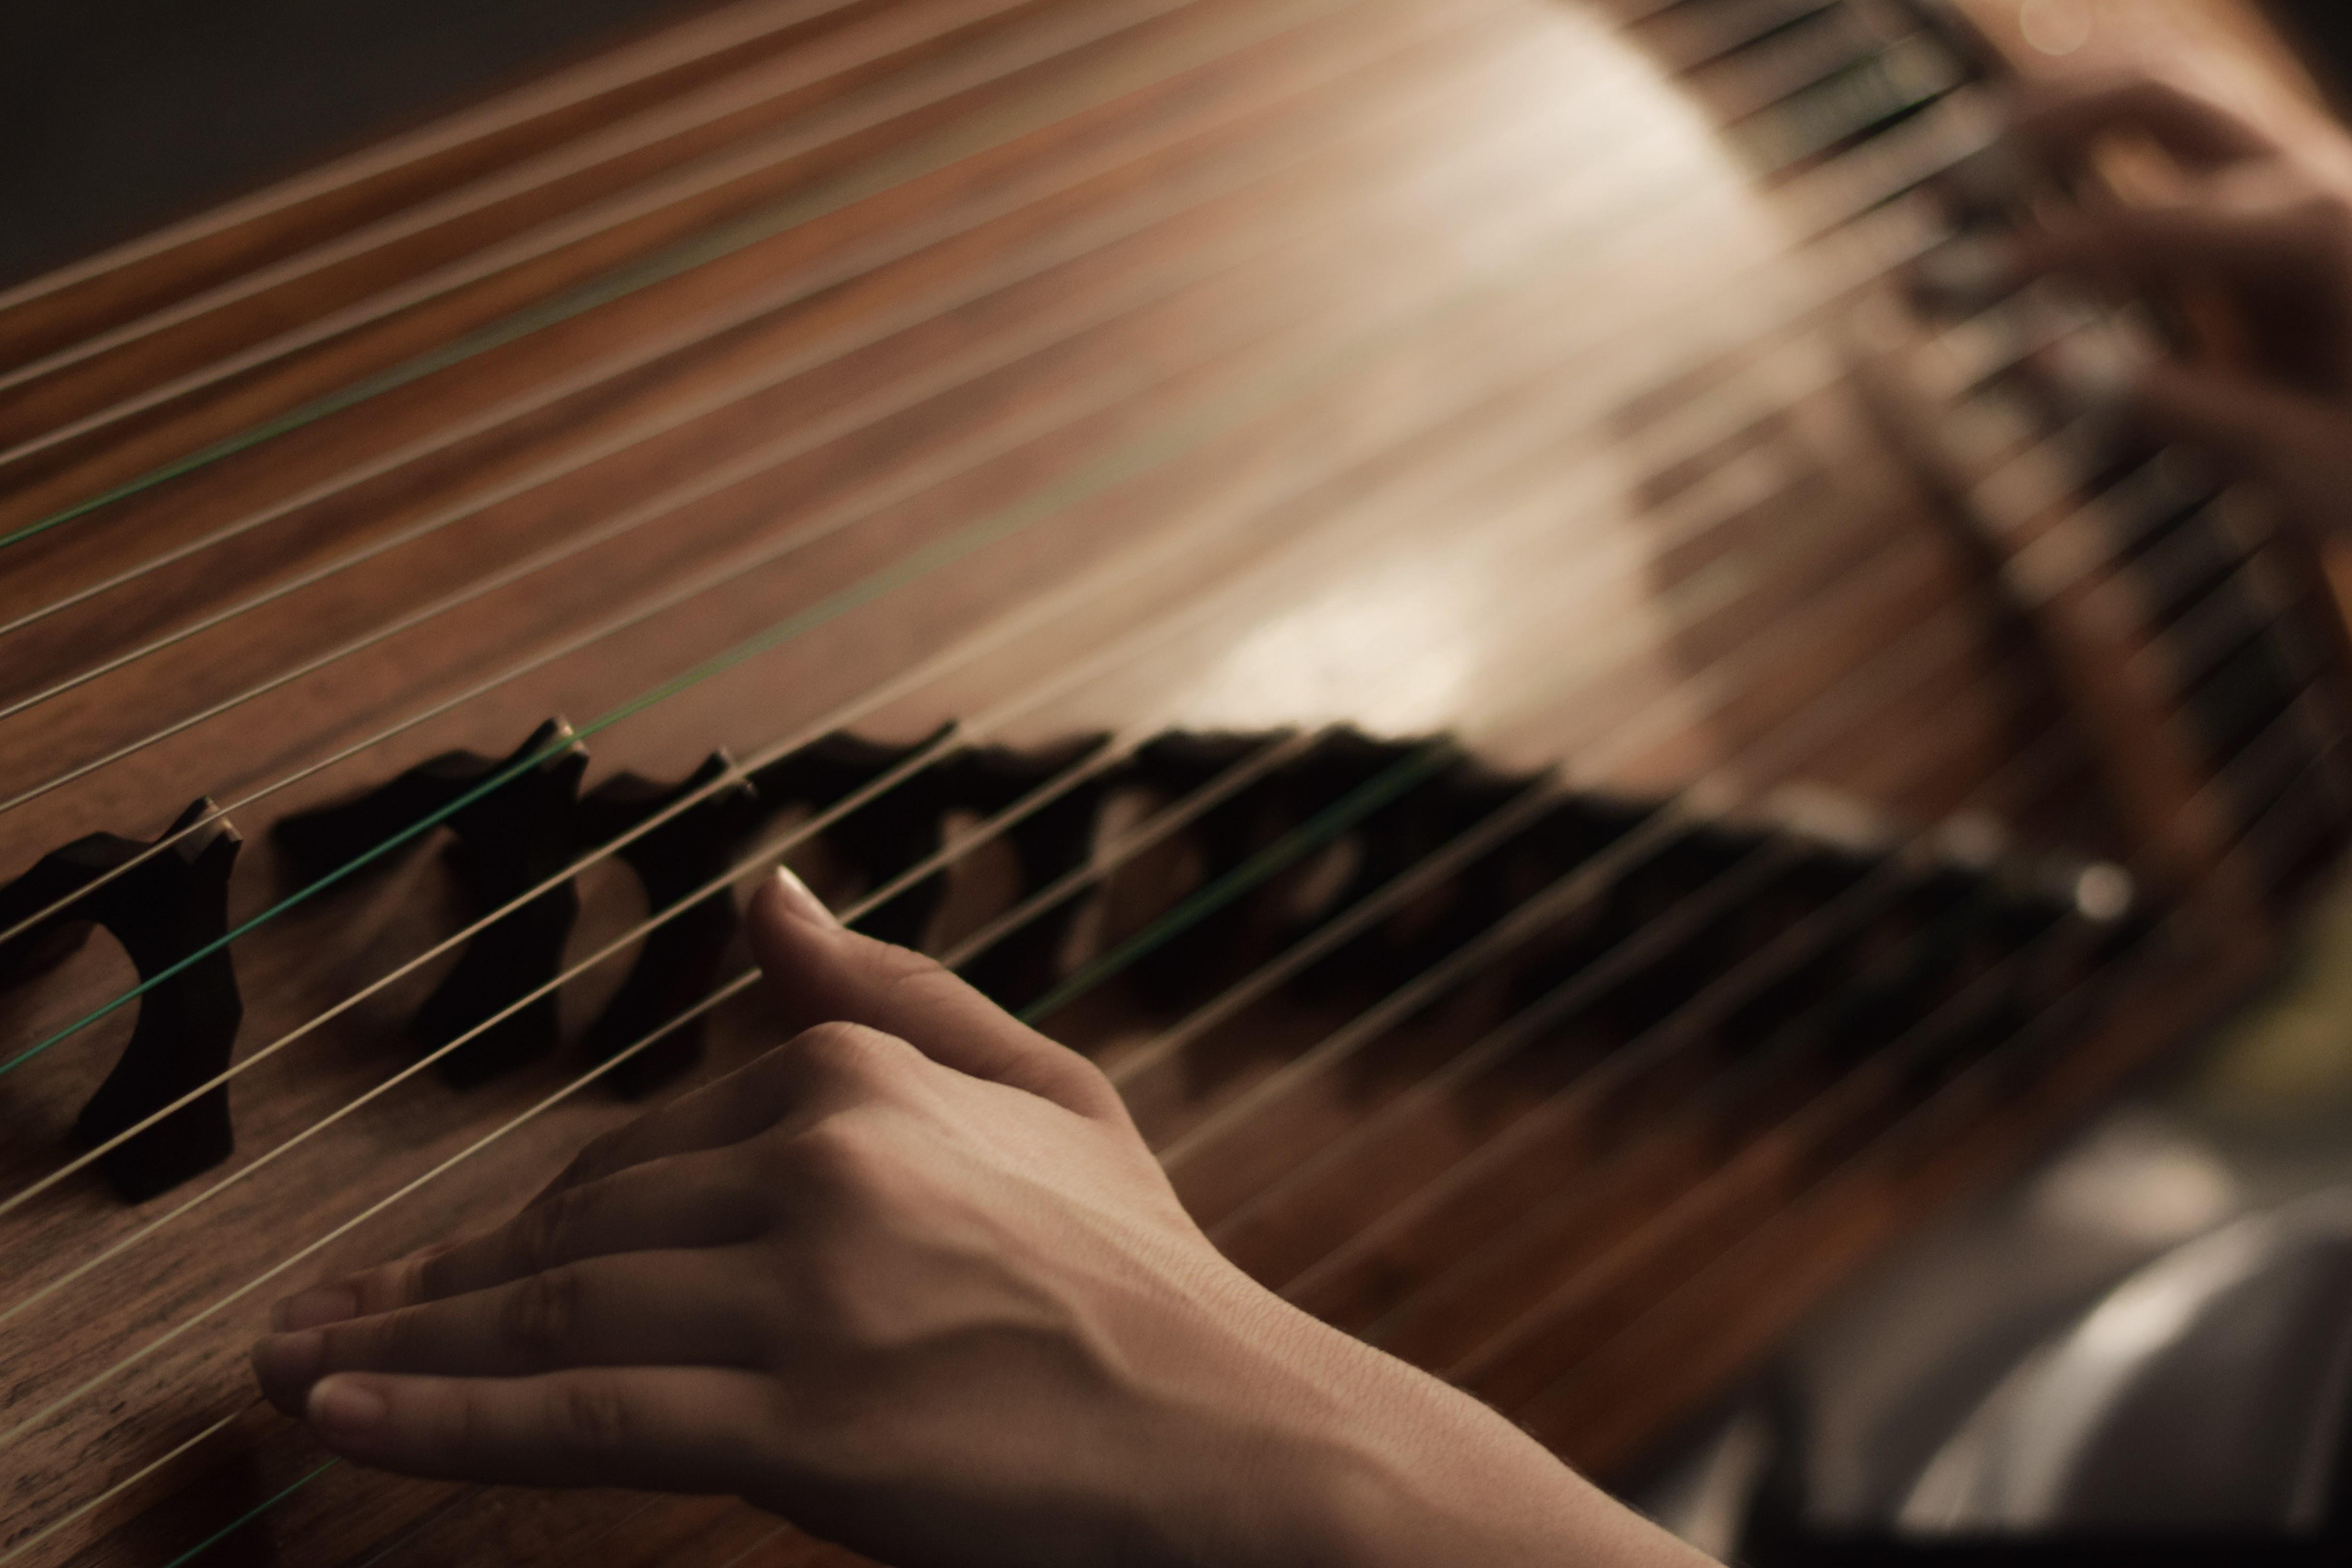 Guzheng hands